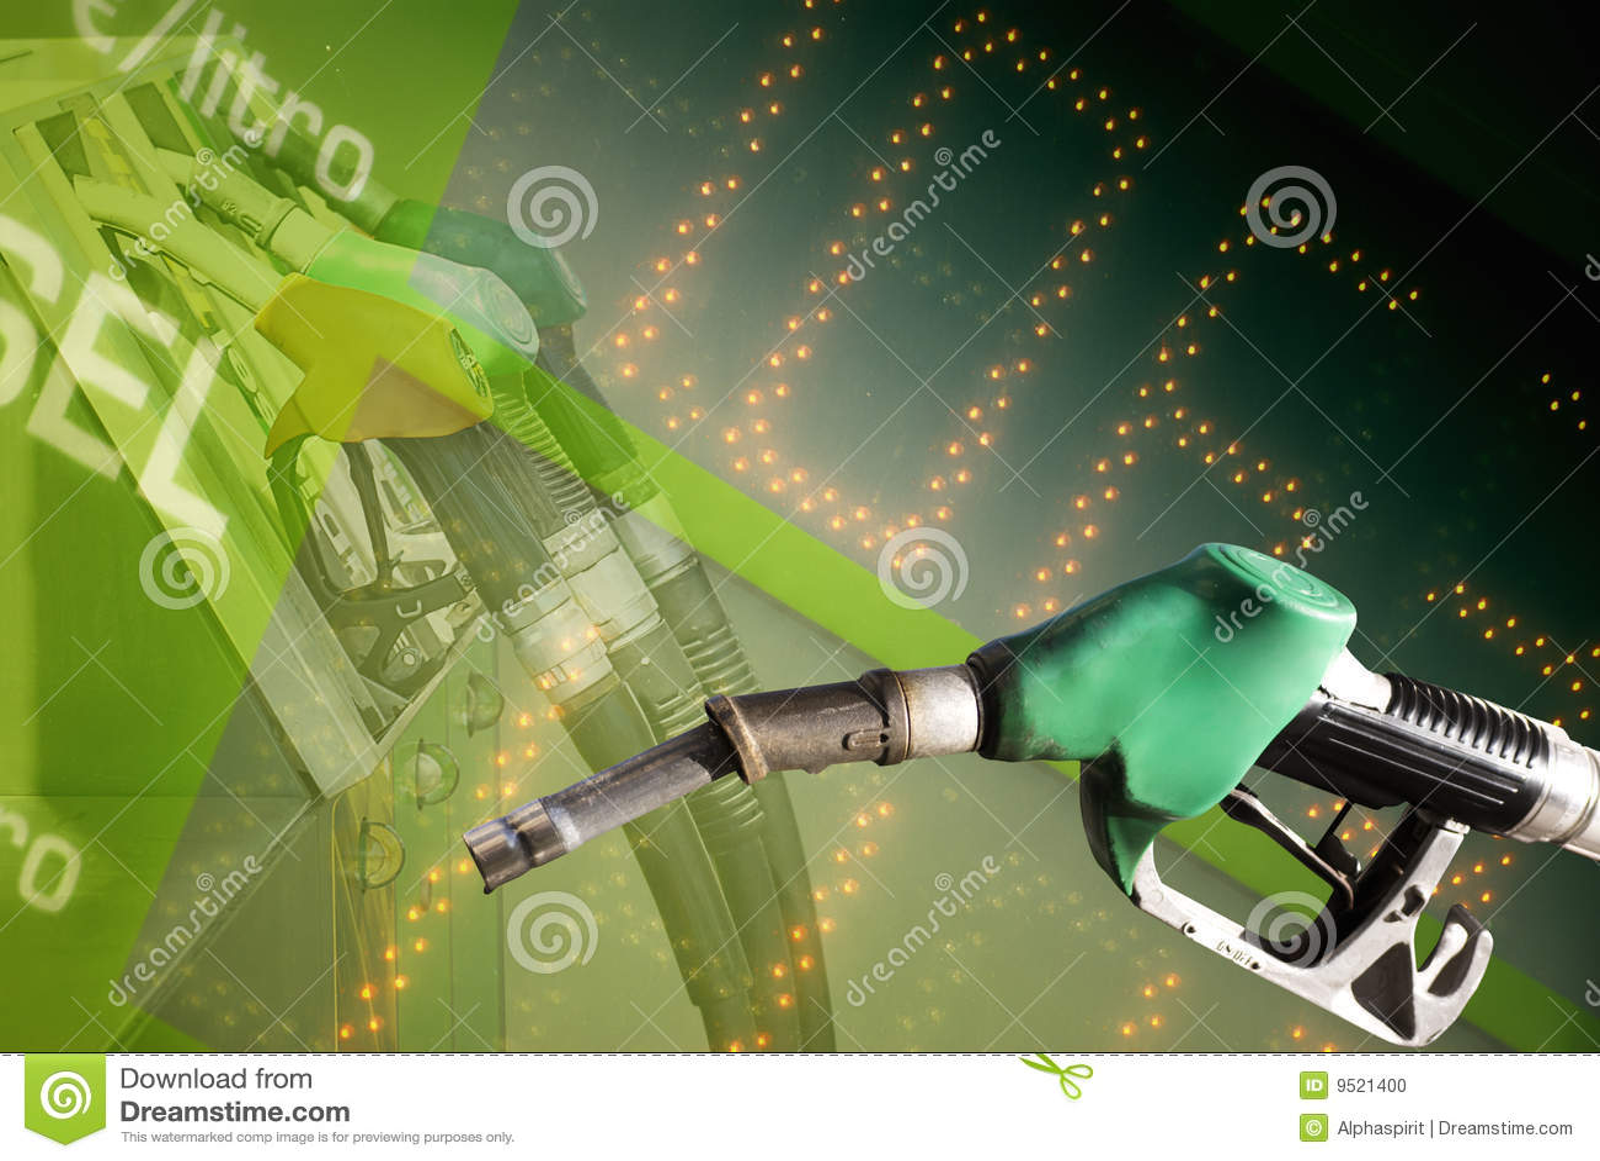 De prijs van de brandstof